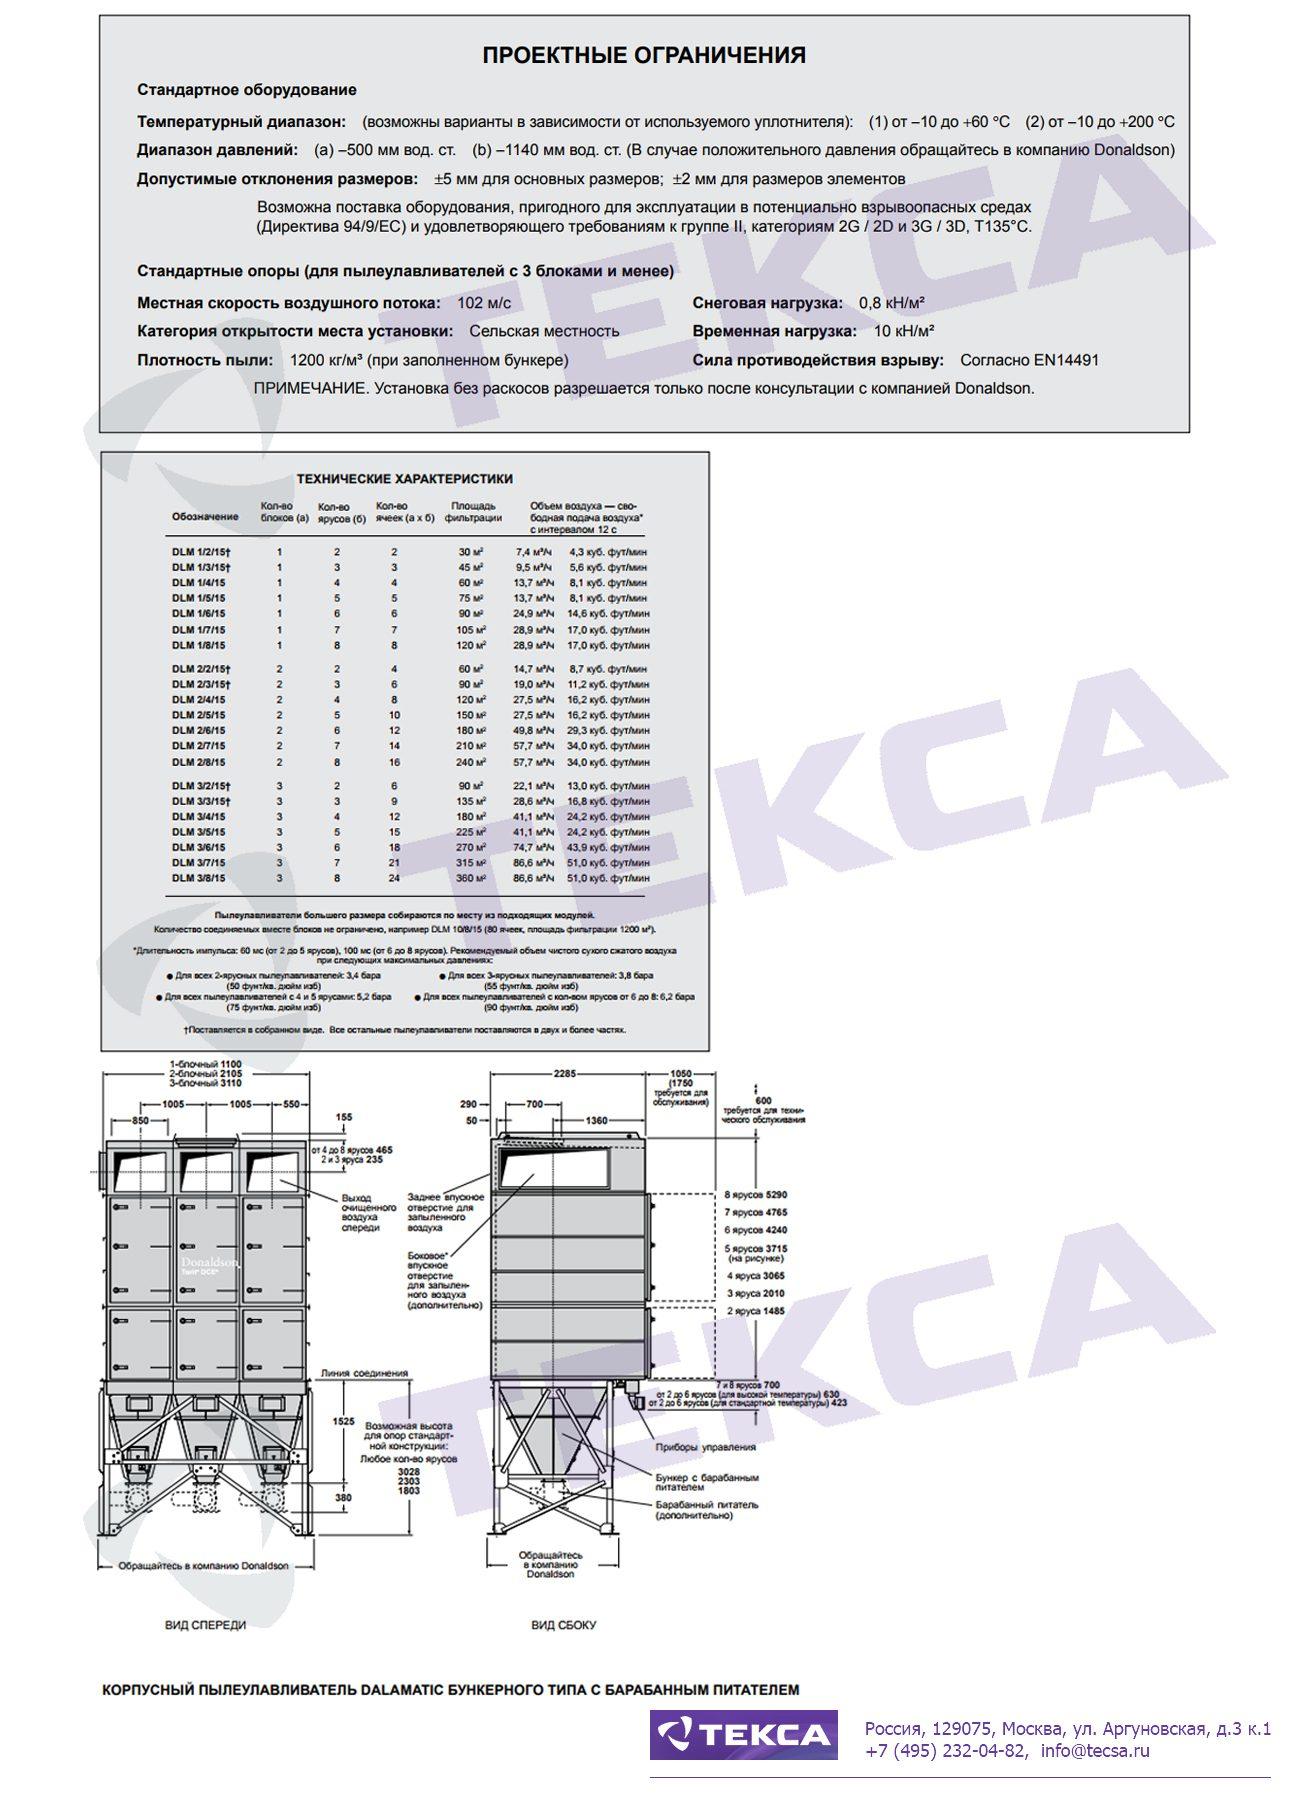 Технические характеристики рукавных пылеулавливателей серии Dalamatic